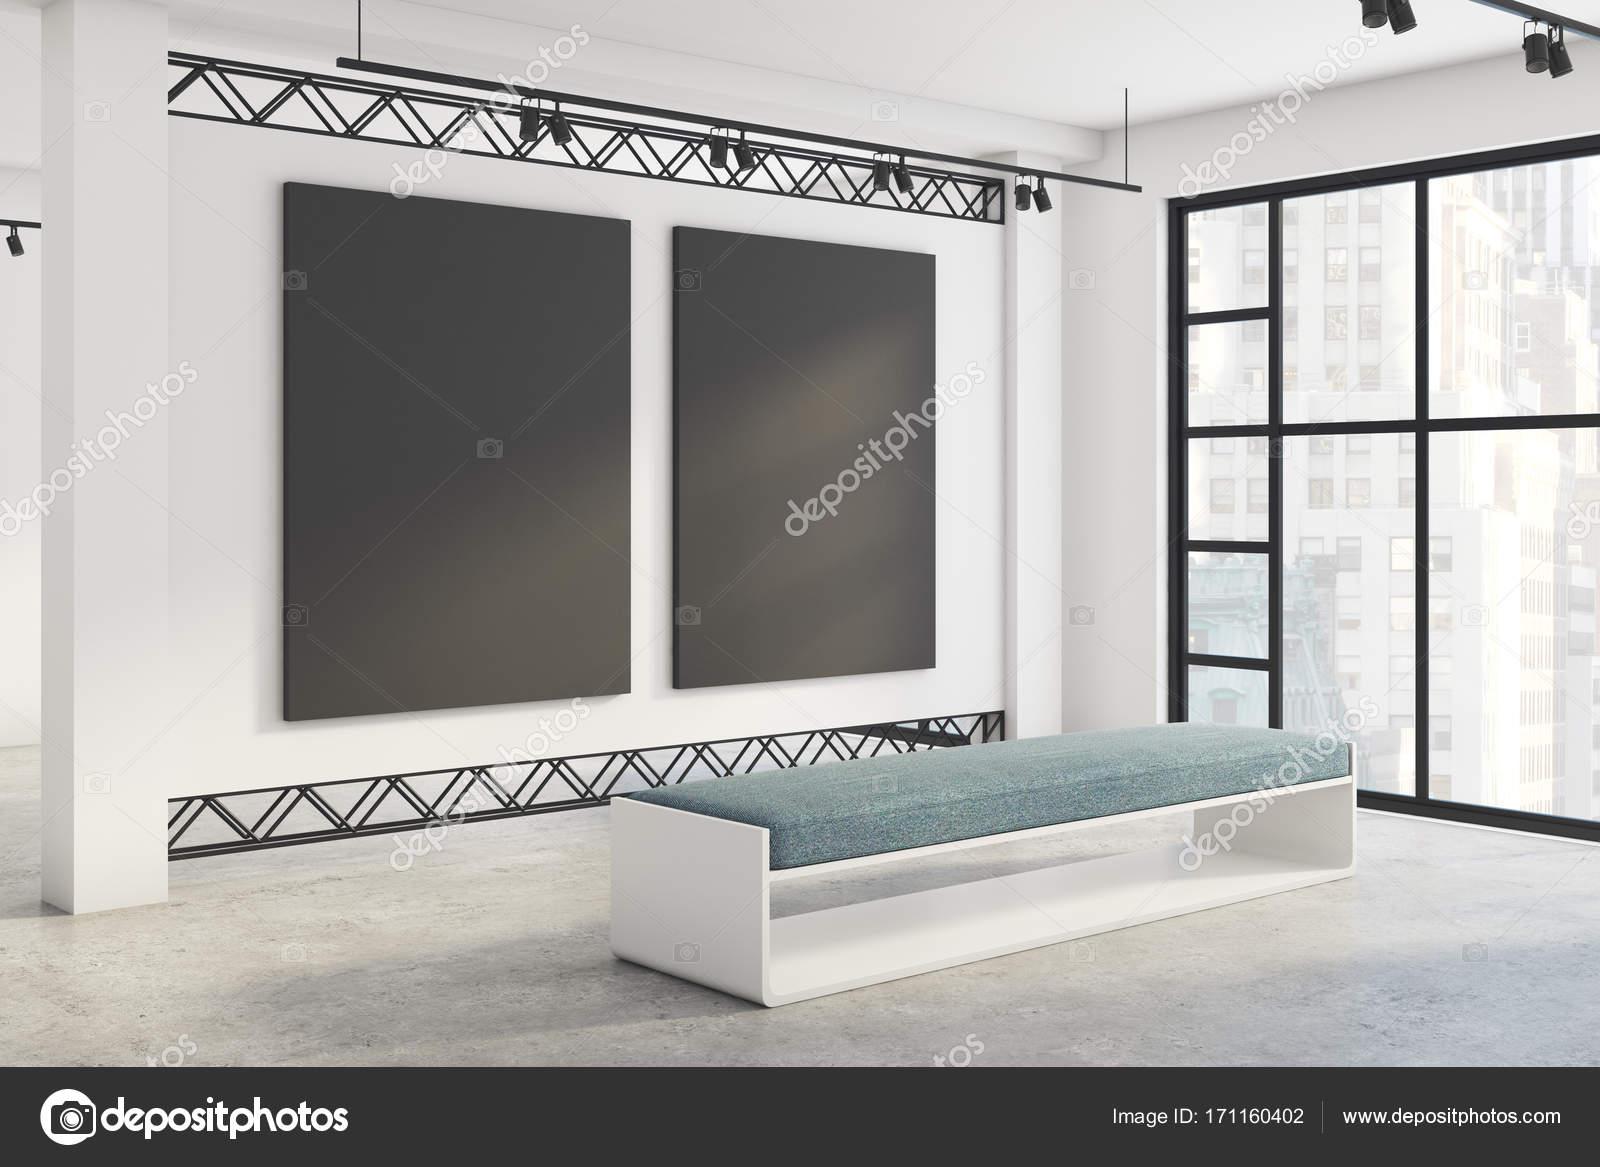 Ausstellung für moderne Innenausstattung mit leeren Plakatwände ...